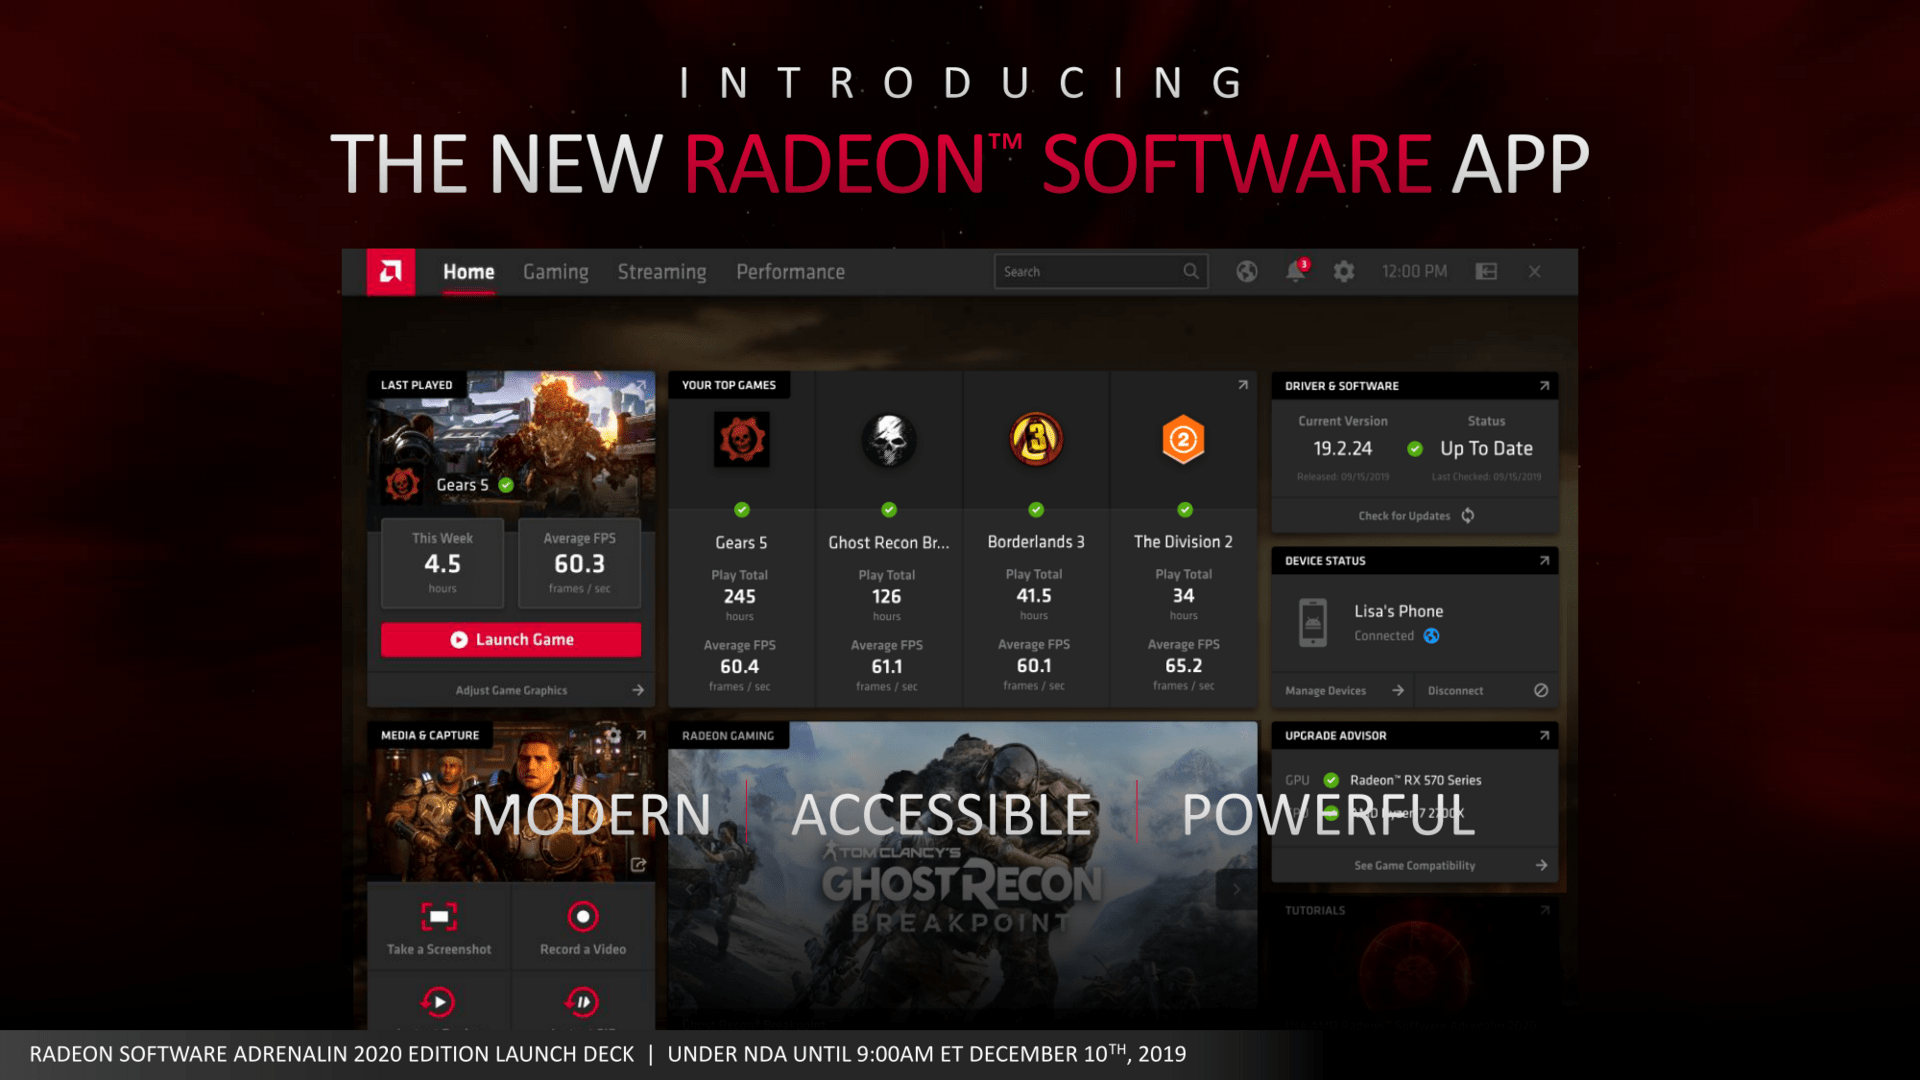 Radeon Software App